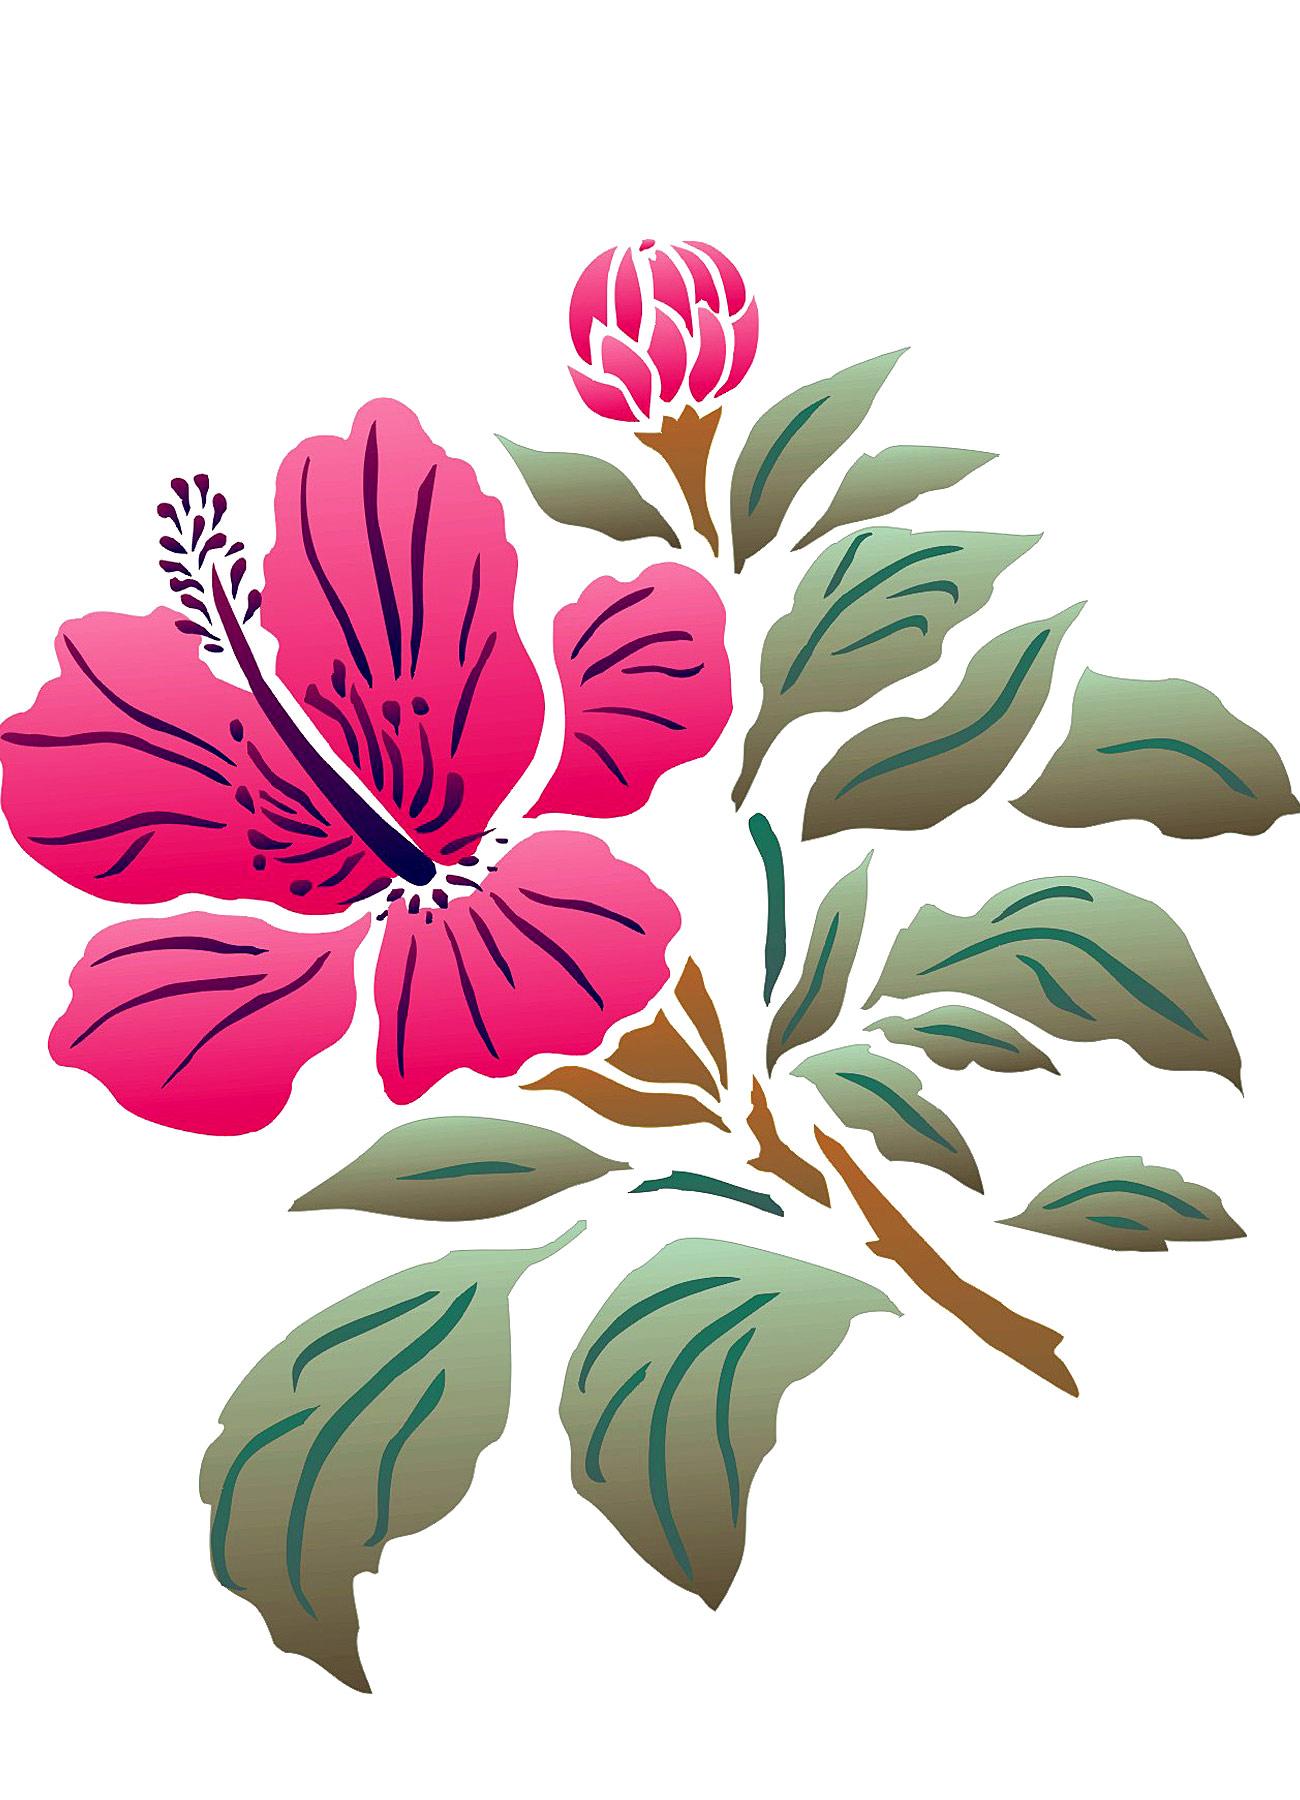 Hibiscus flower stencil 2 henny donovan motif hibiscus flower stencil 2 izmirmasajfo